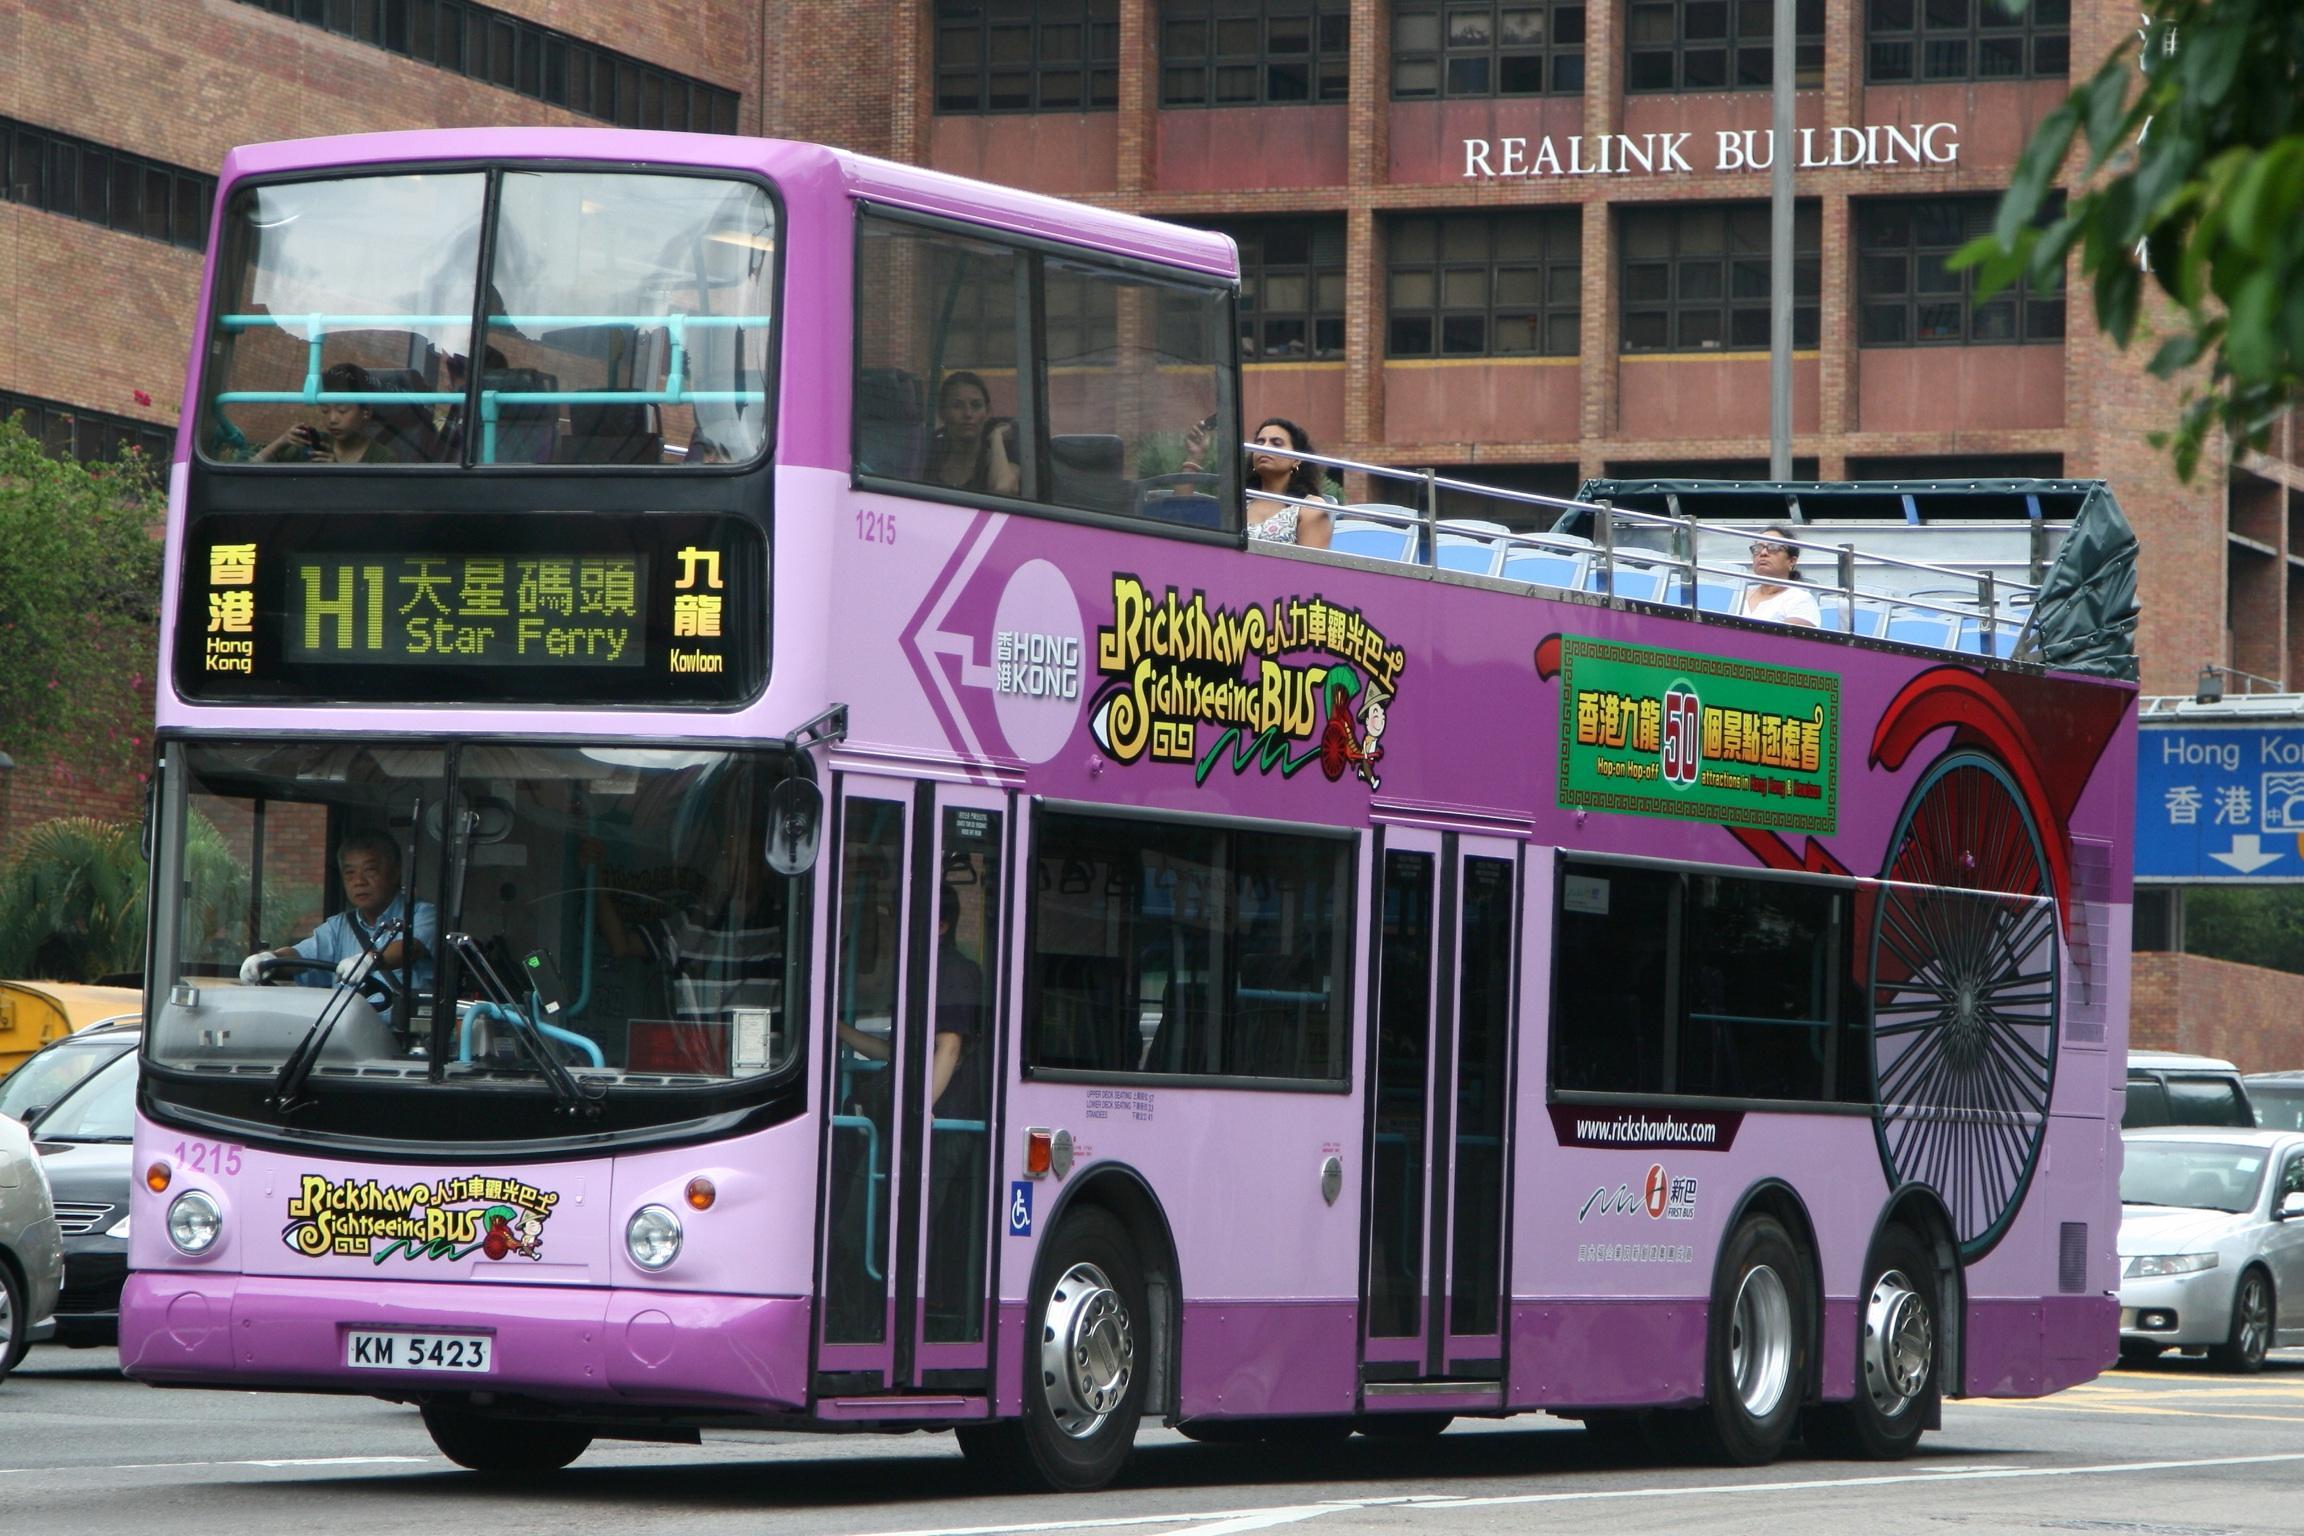 bus and rickshaws Rickshaw sightseeing bus, hong kong: see 77 reviews, articles, and 63 photos of rickshaw sightseeing bus, ranked no117 on tripadvisor among 166 attractions in hong kong.